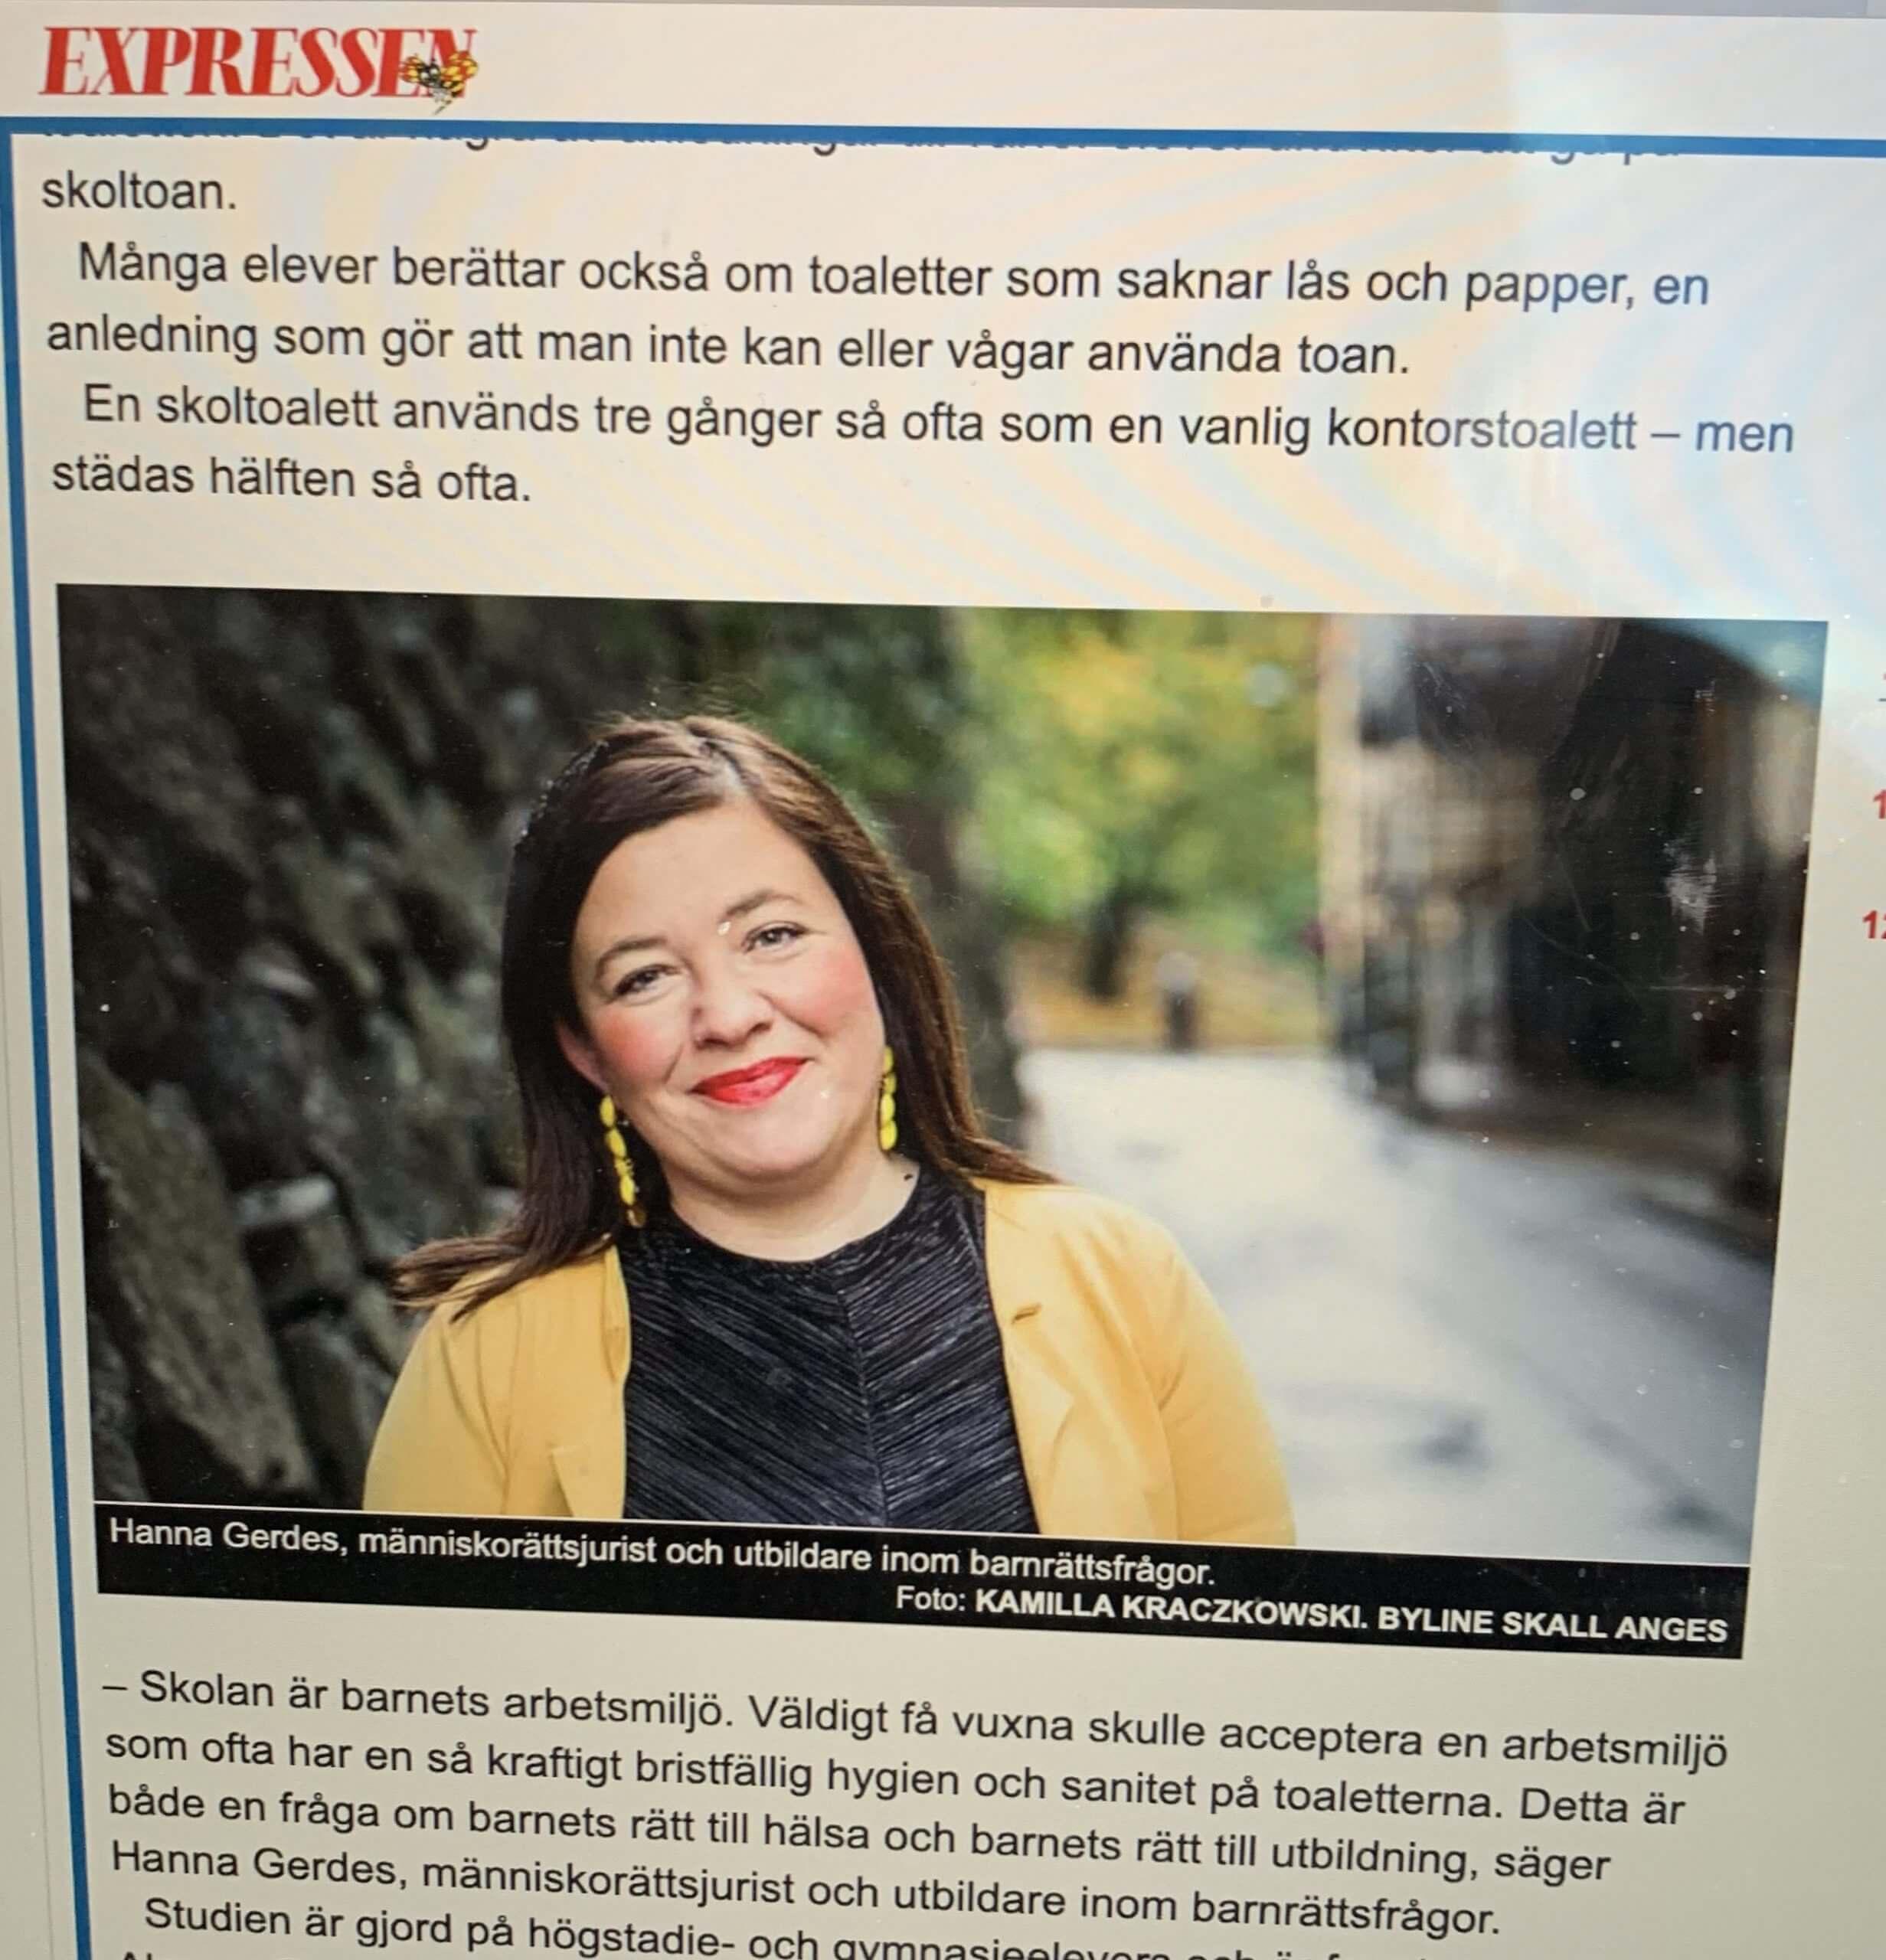 Hanna Gerdes intervjuas i Expressen angående barnets rättigheter